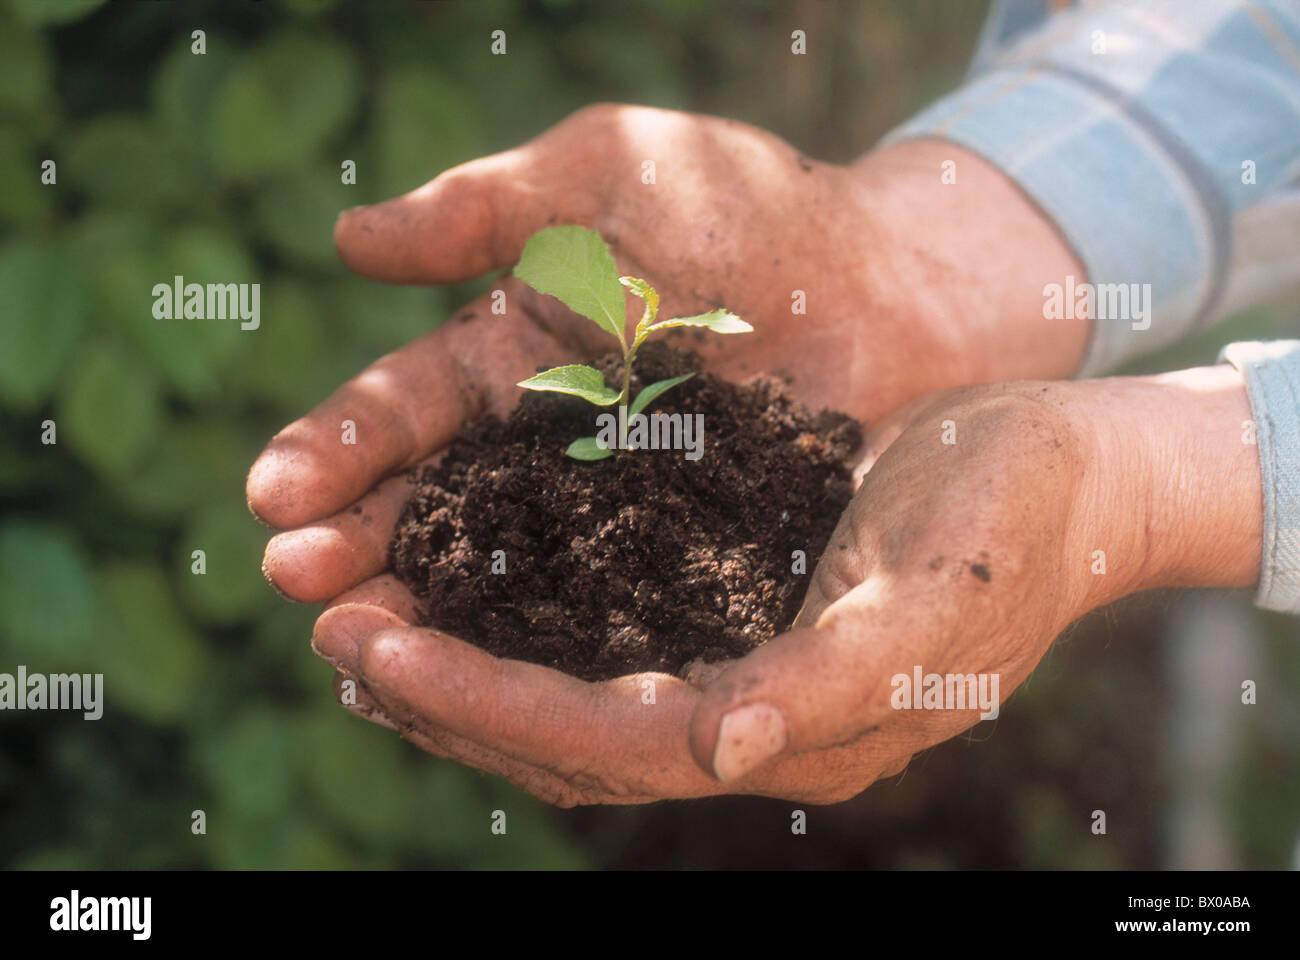 cultivation cultivating tree botany earth hand hands seedling Keimling plants Setzling sprig offspring - Stock Image